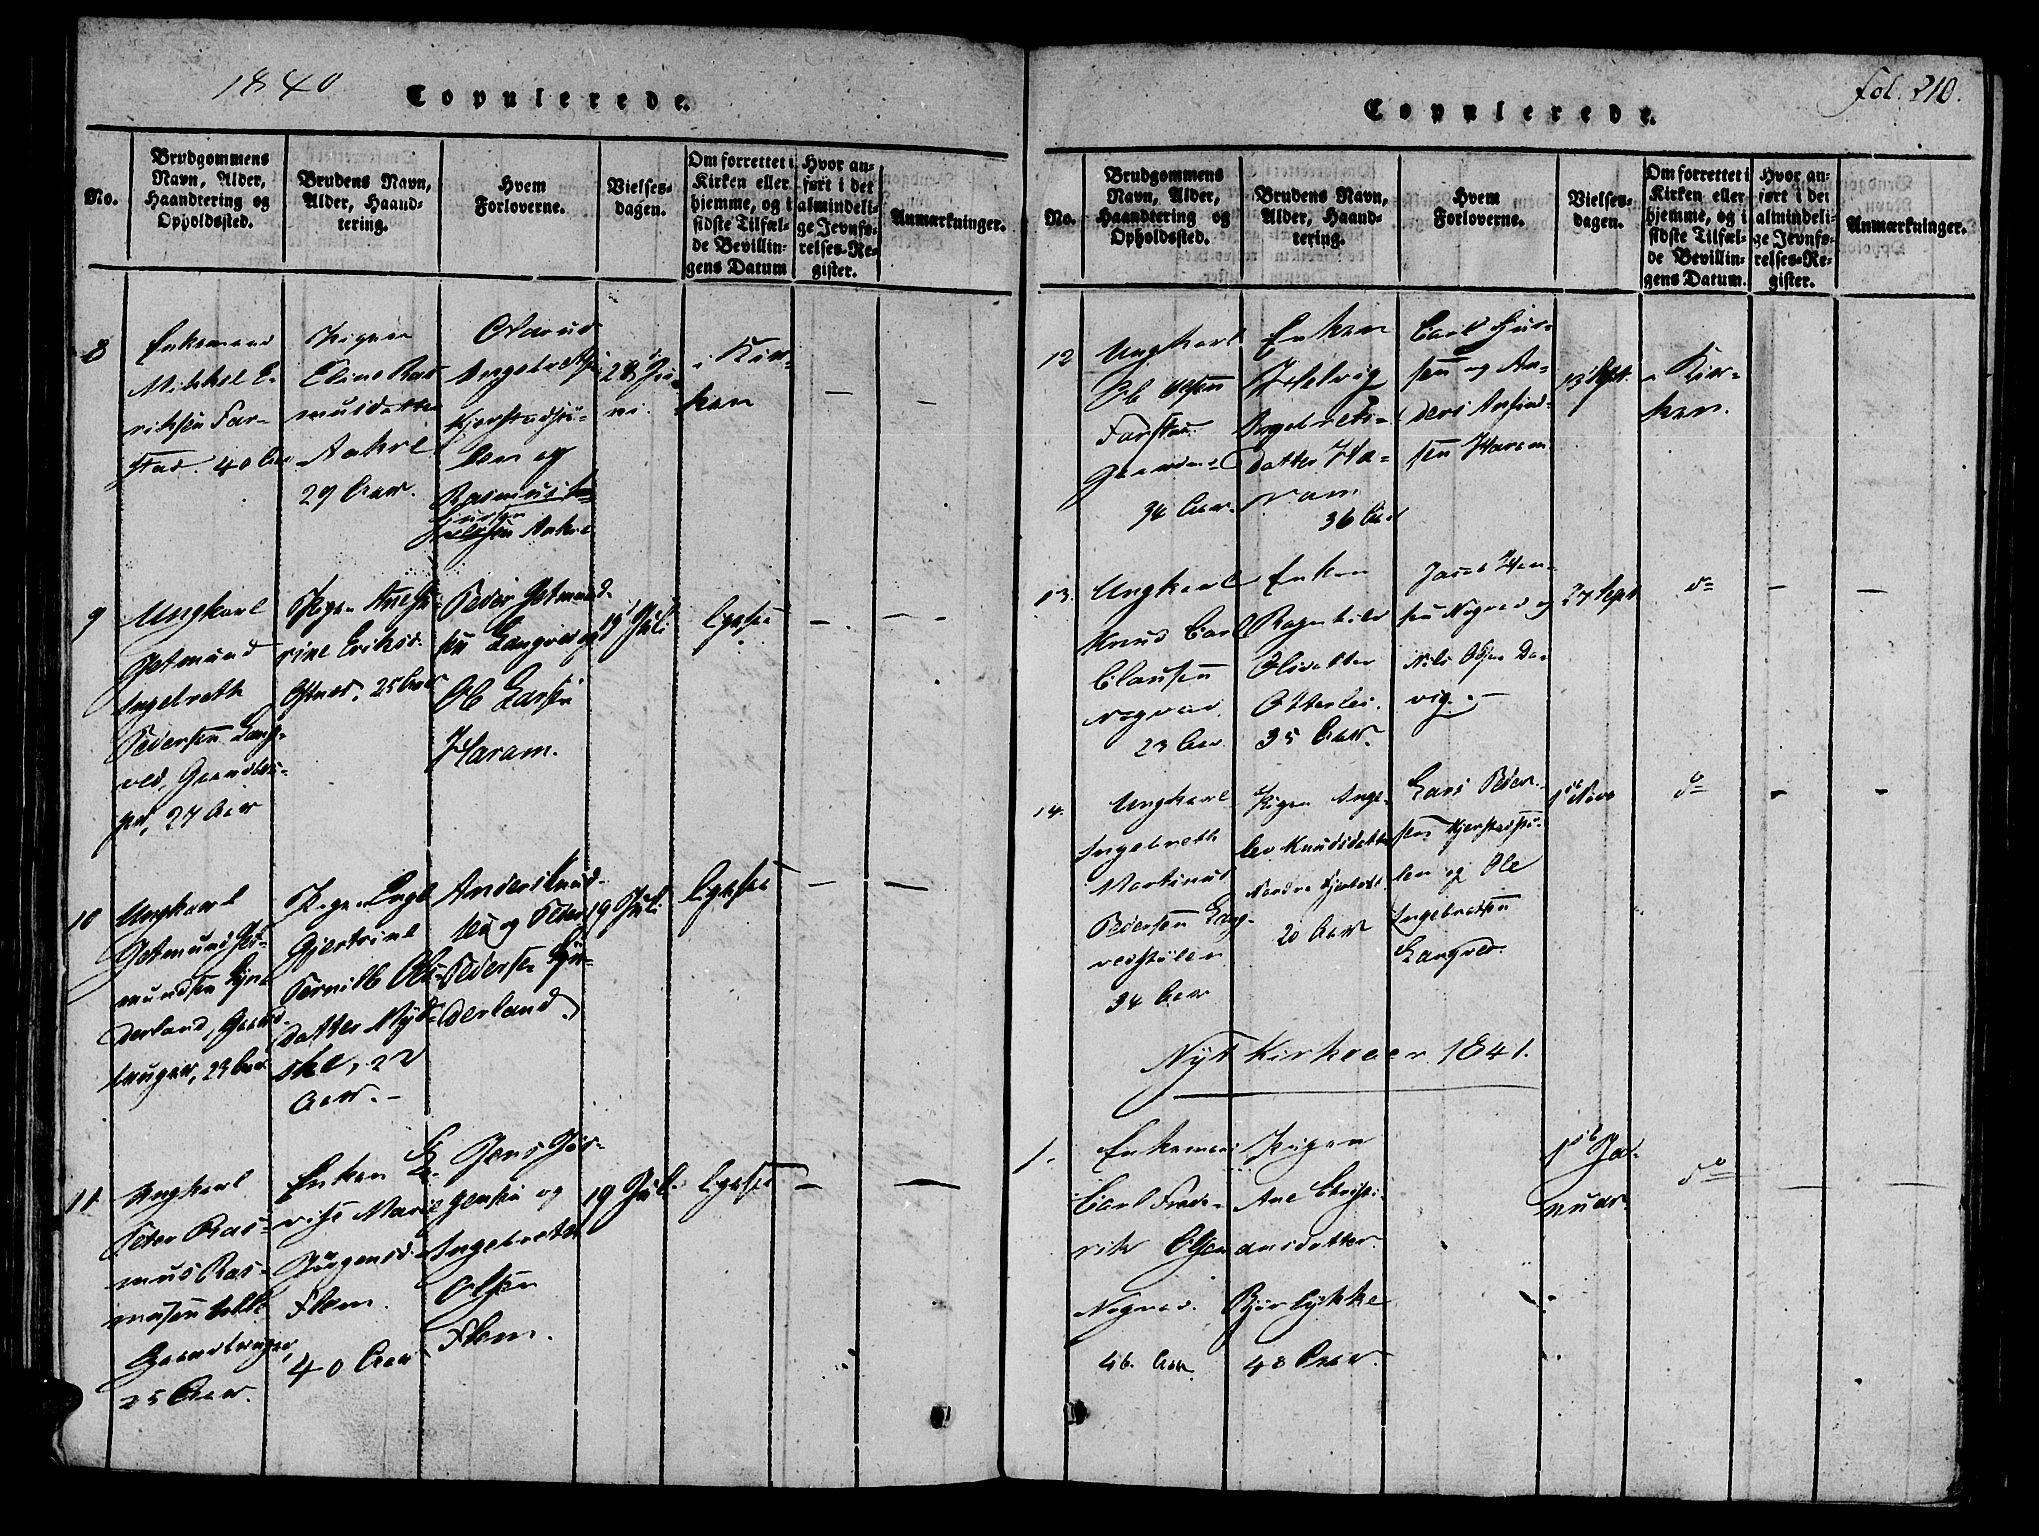 SAT, Ministerialprotokoller, klokkerbøker og fødselsregistre - Møre og Romsdal, 536/L0495: Ministerialbok nr. 536A04, 1818-1847, s. 210